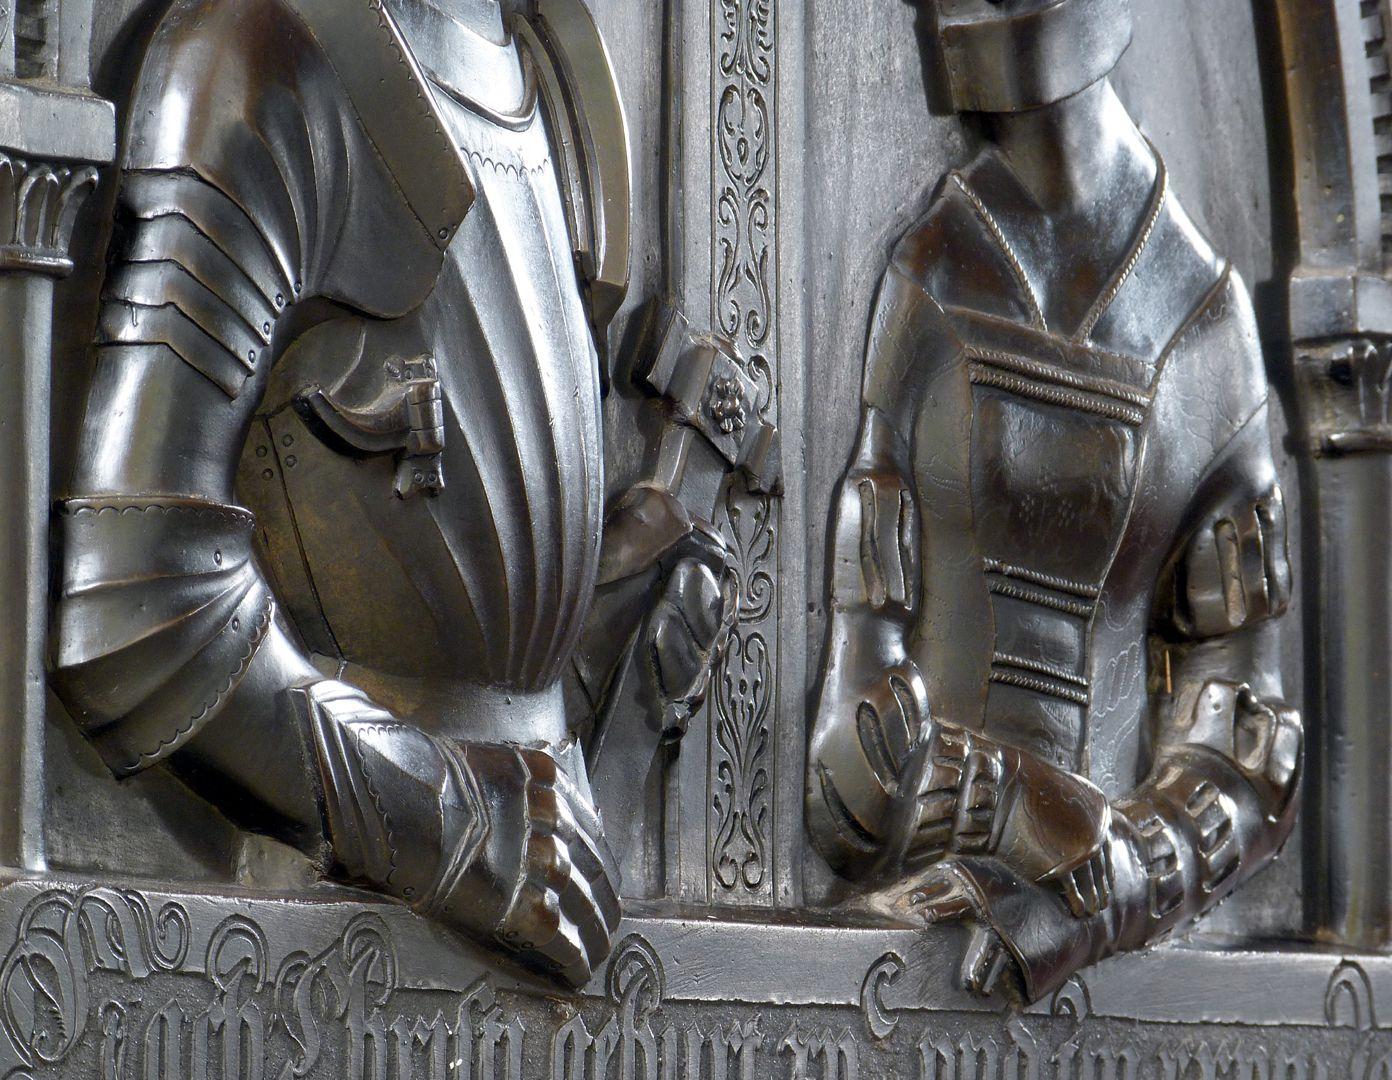 Epitaph der Walburga von Schaumberg und ihres Gemahls, Sebastian scharfe Schrägansicht der Oberkörperreliefs